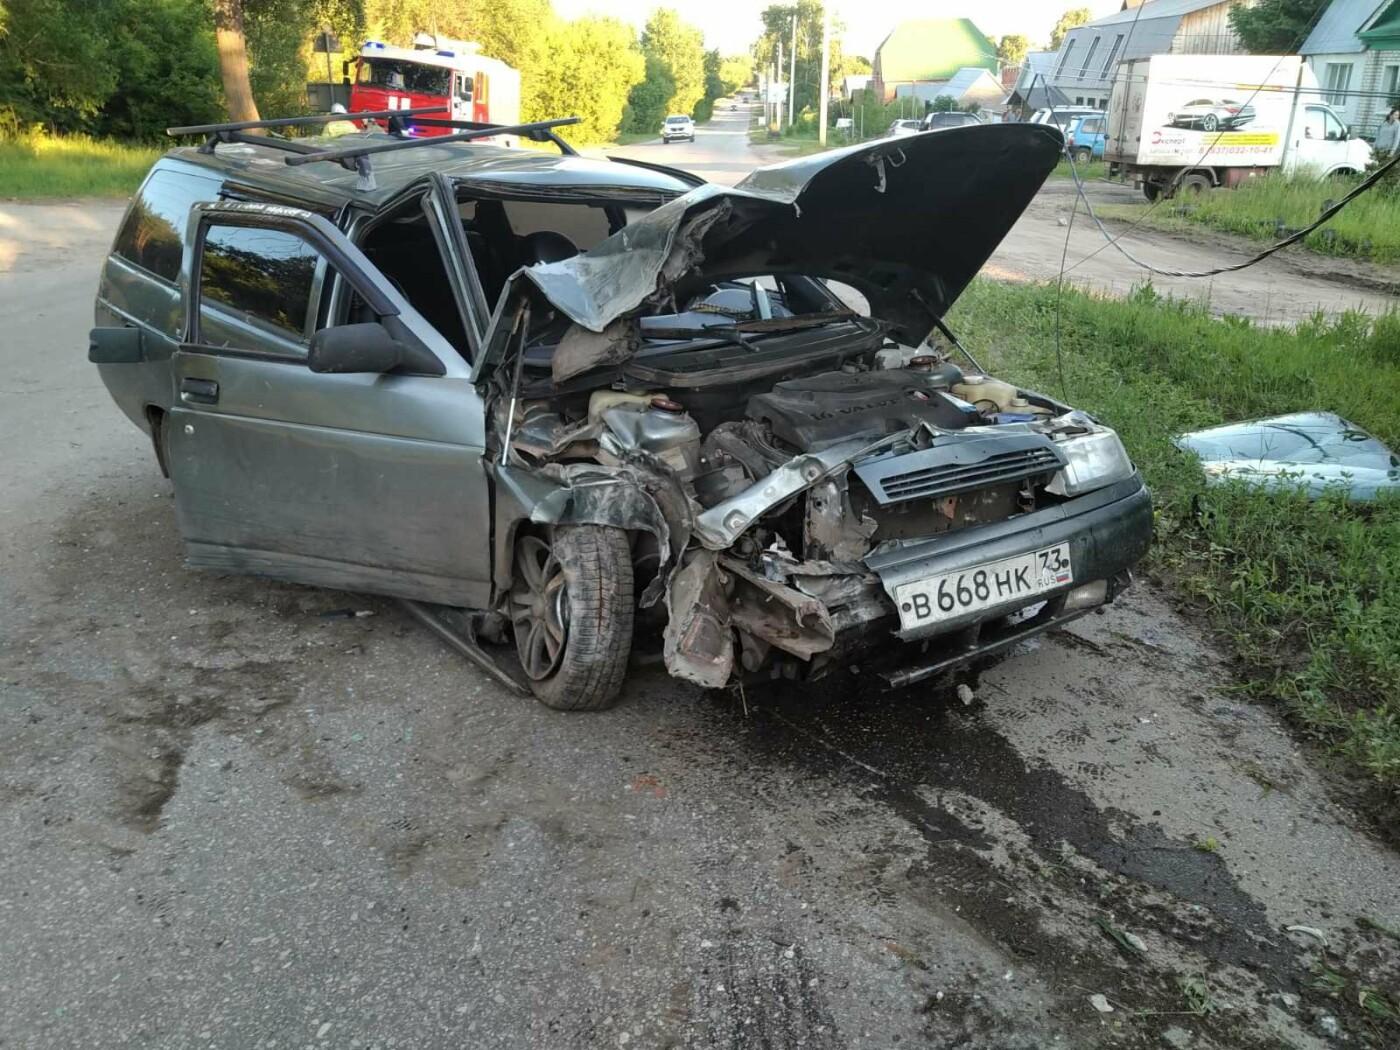 Димитровградский водитель бросил пассажира и скрылся с места ДТП, фото-2, ПЧ-5